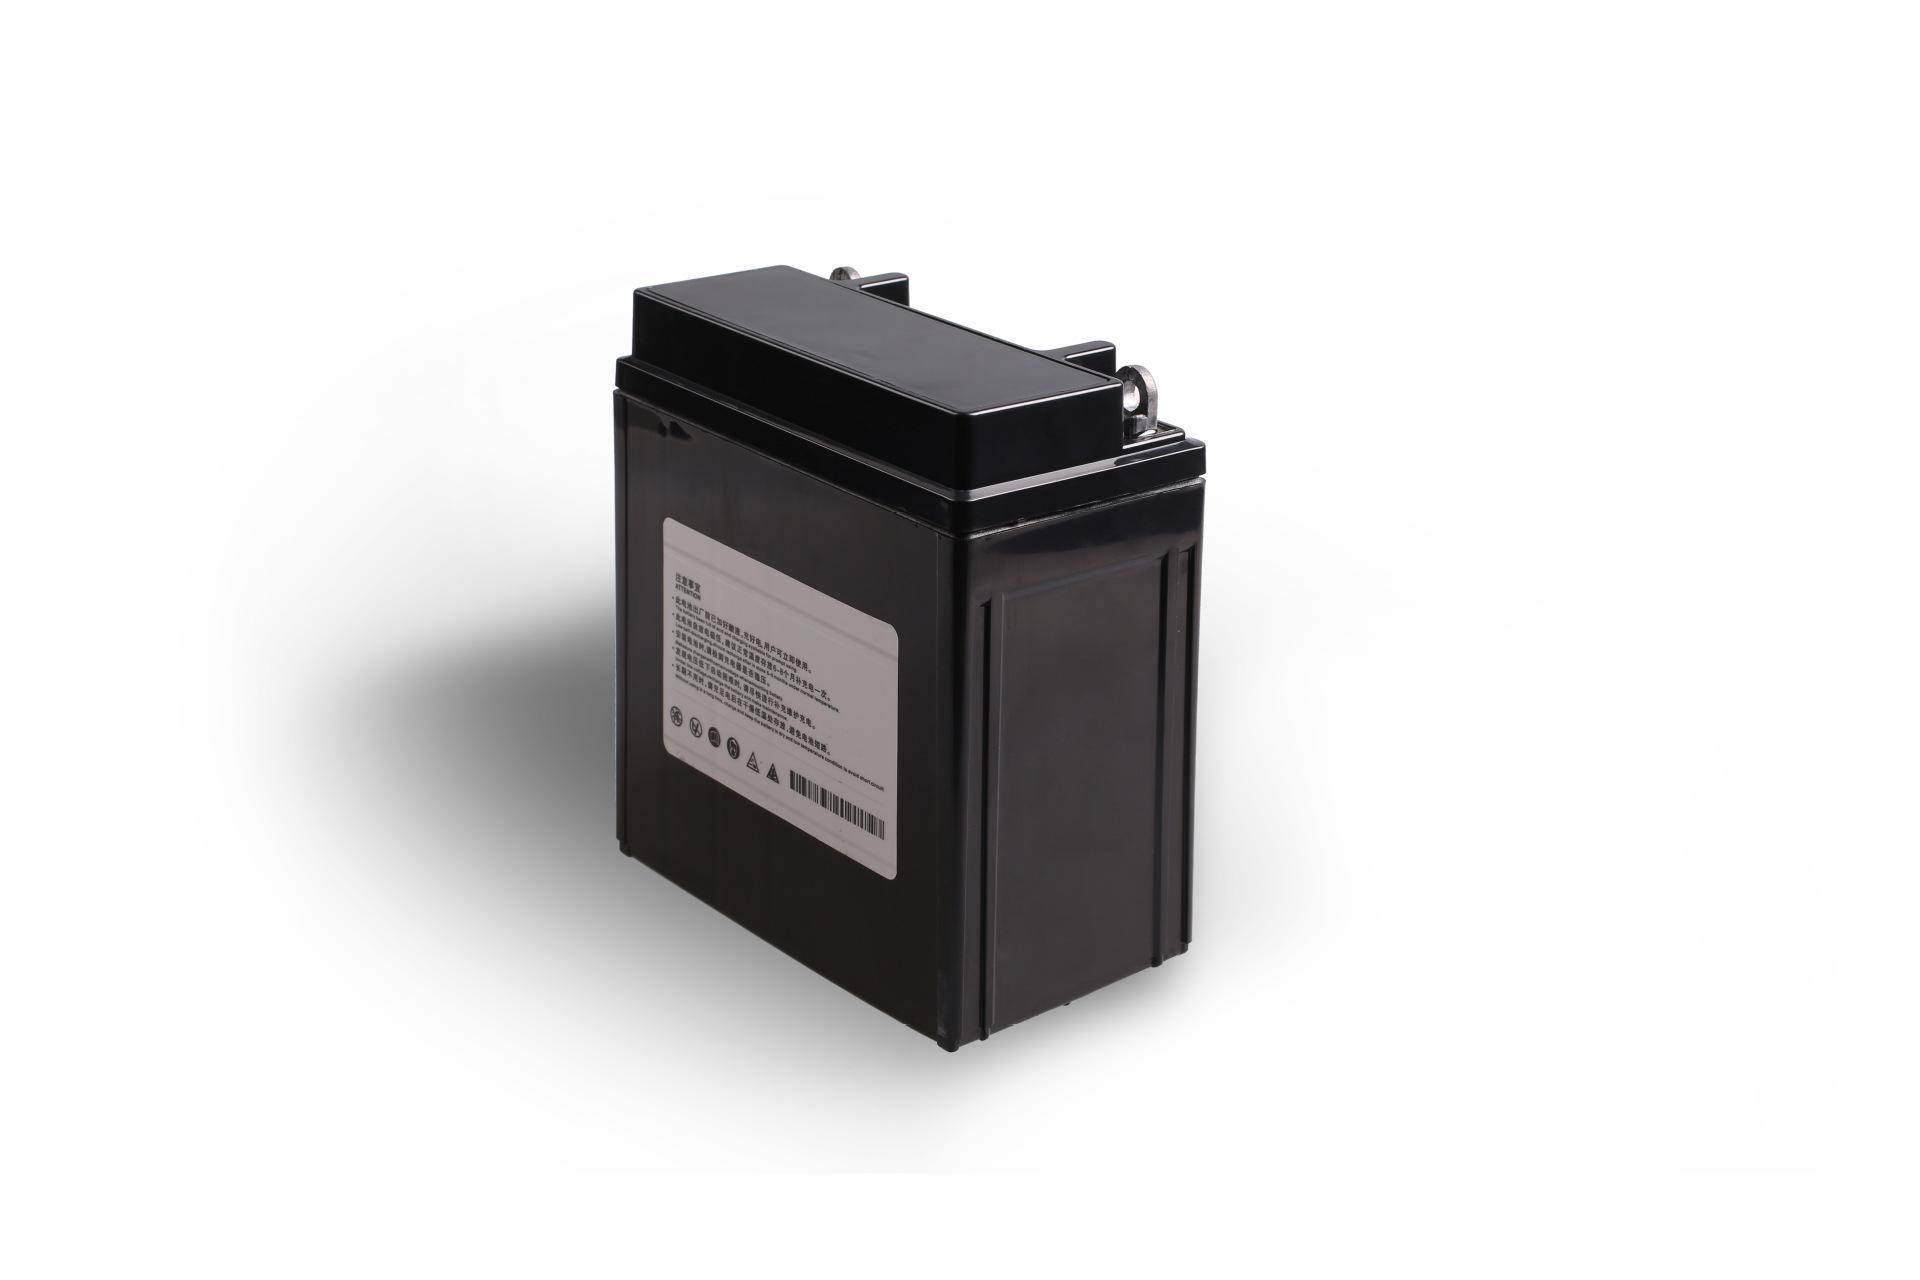 摩托车电瓶 免维护蓄电池 蓄电瓶 铅酸蓄电池 12v蓄电池 厂家直销